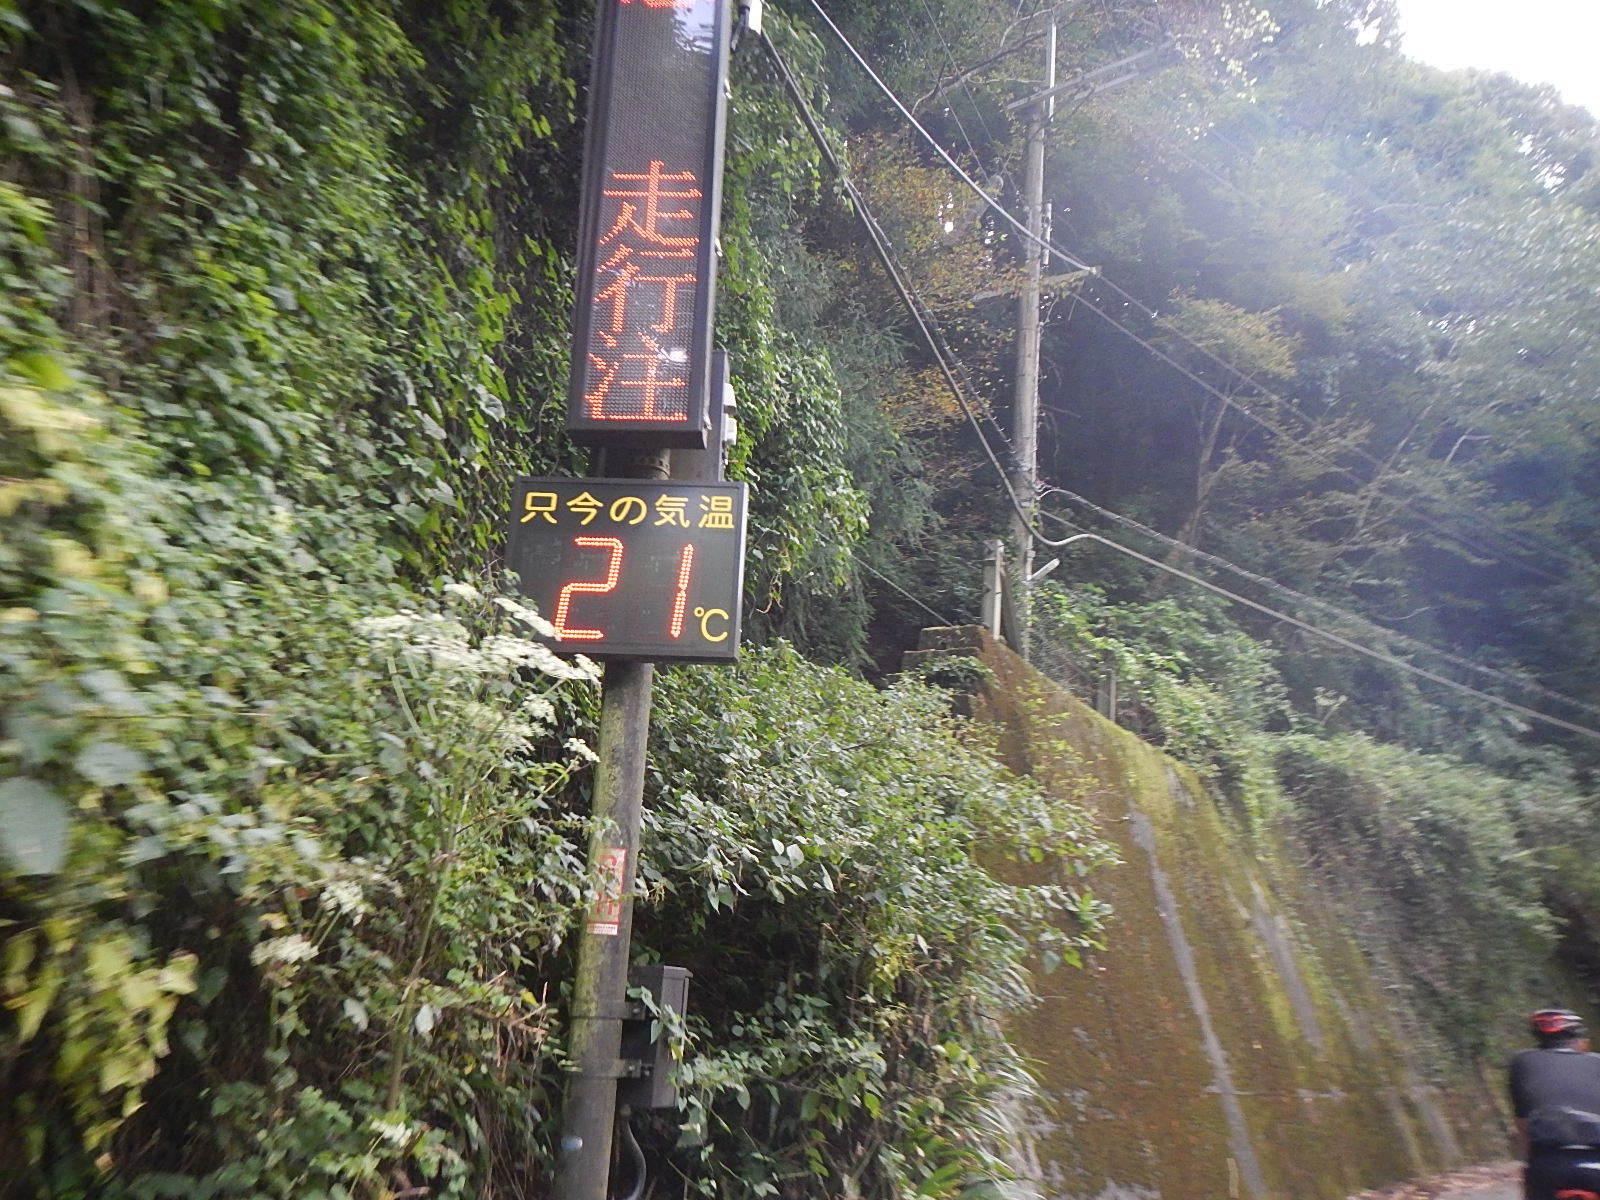 金剛トンネル~ヤムヤム~どんづる峯 コース_a0386742_09191856.jpg